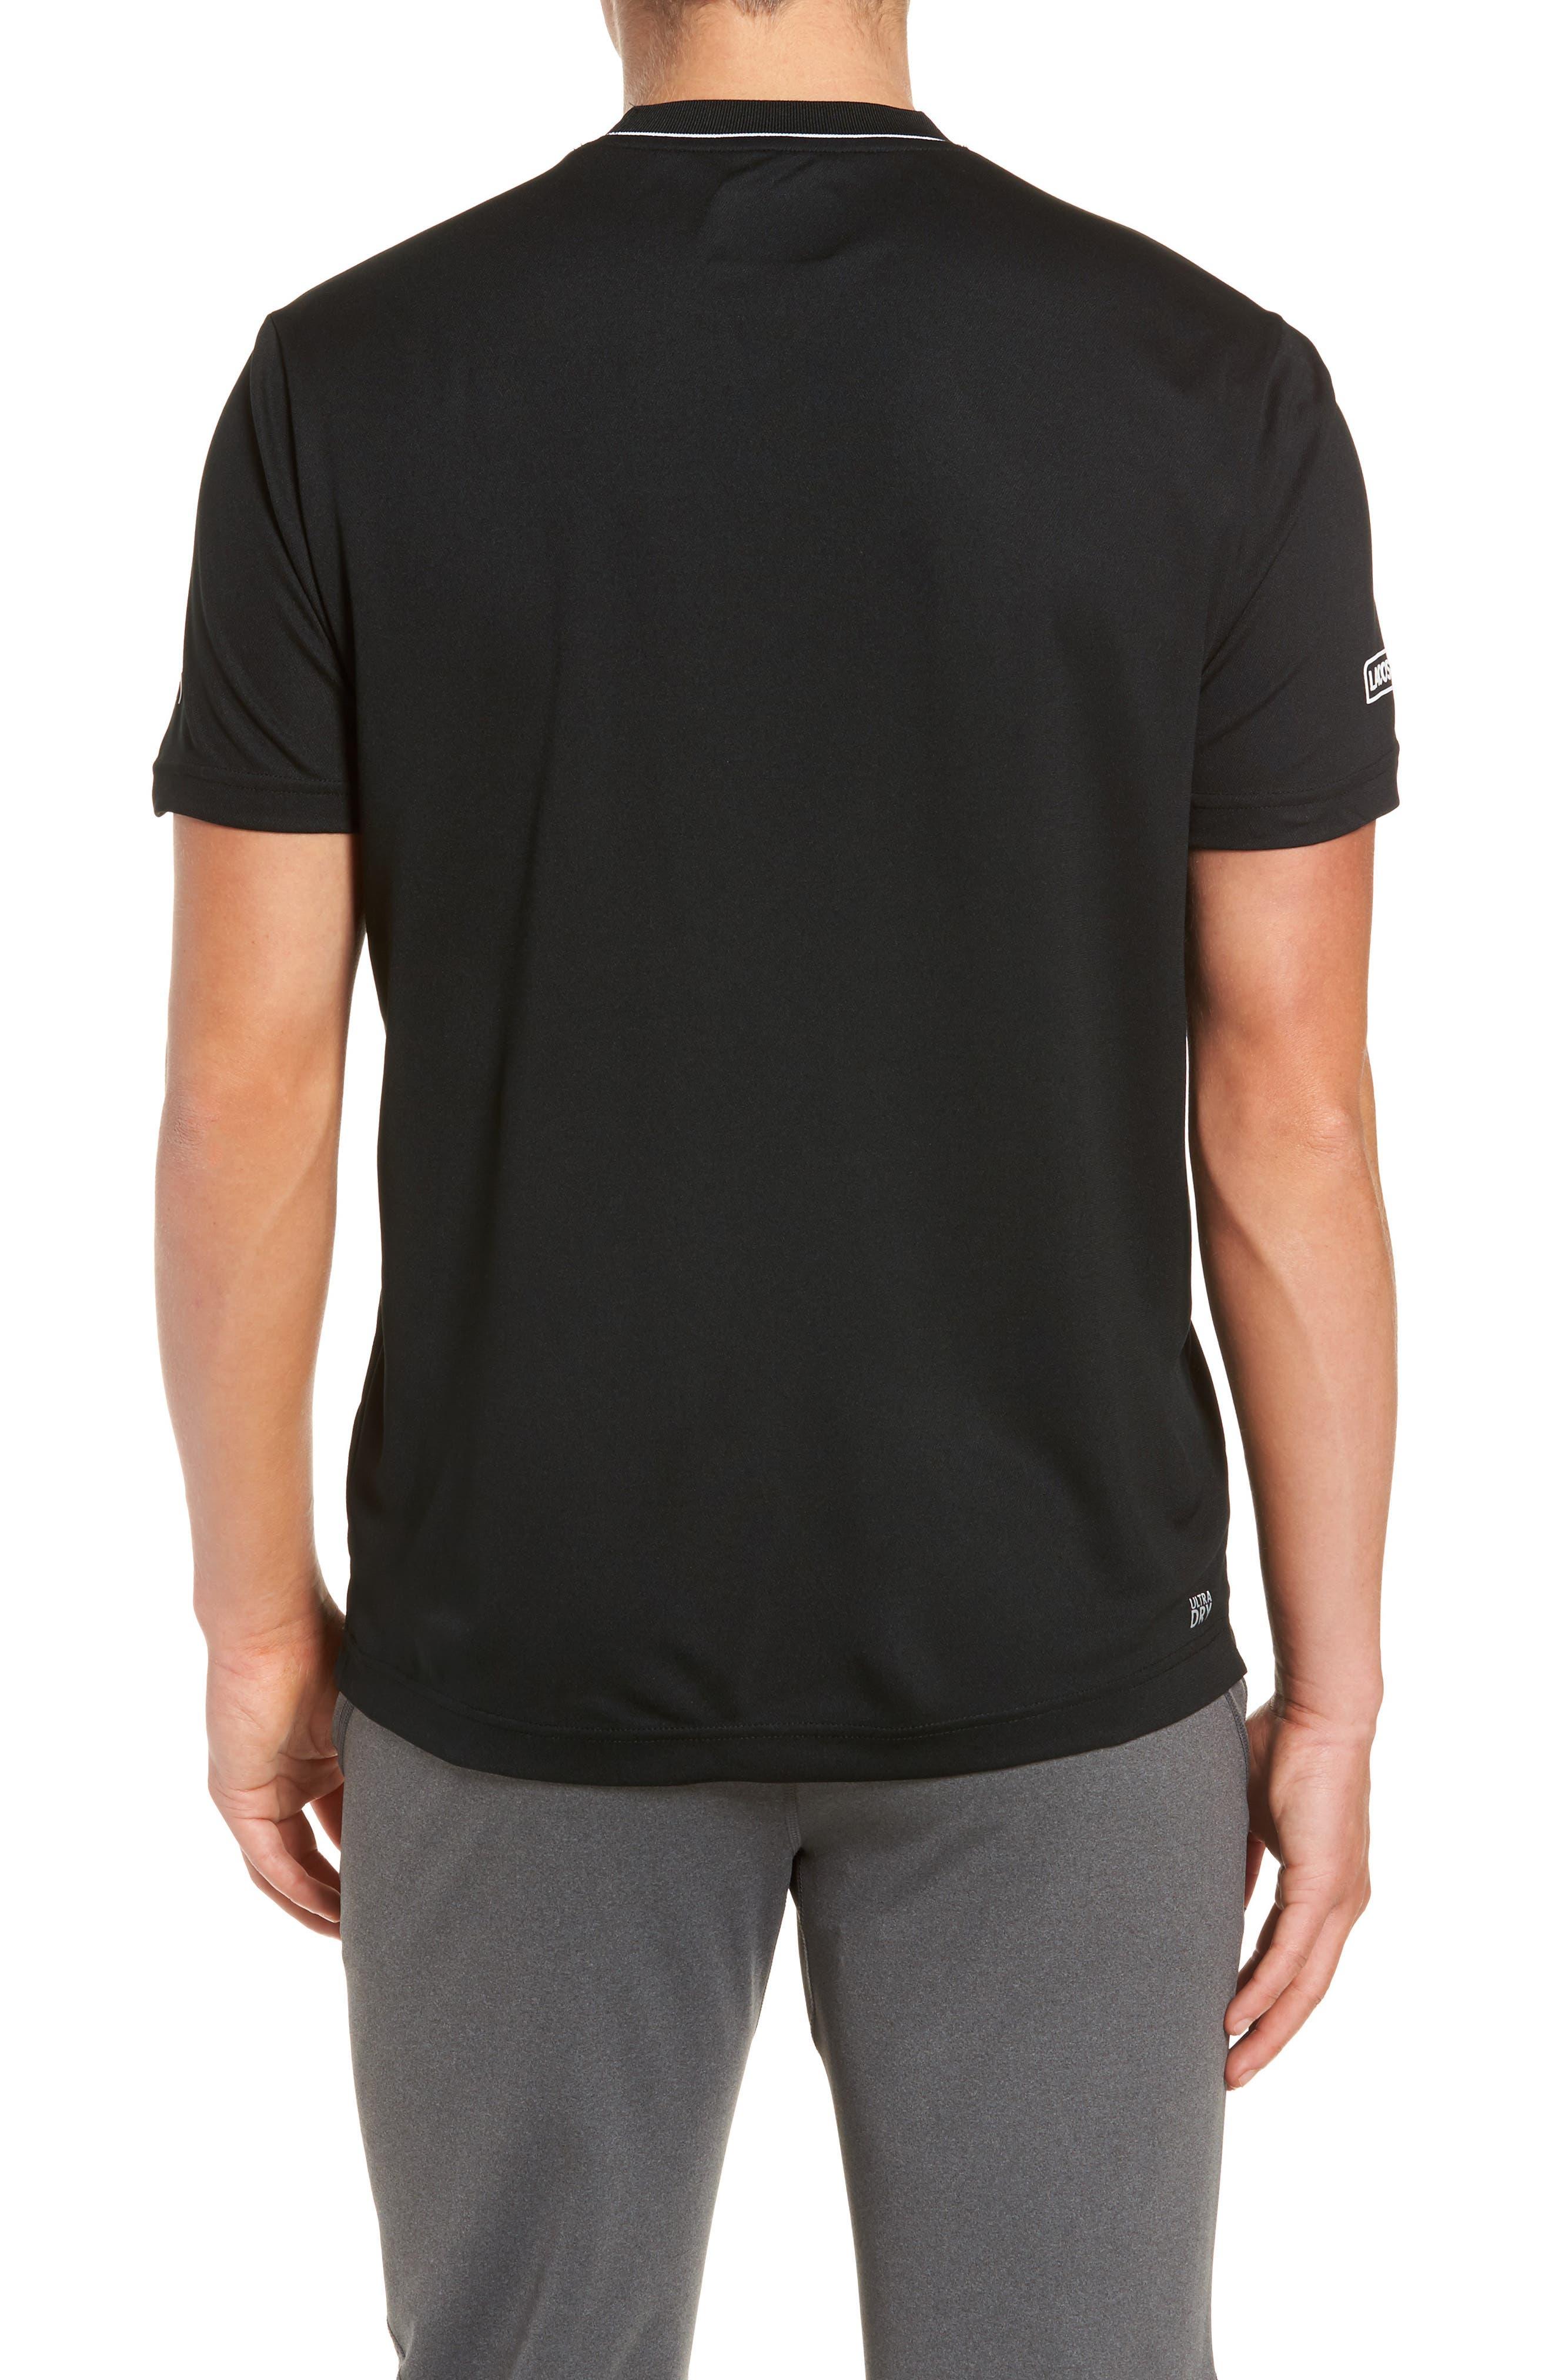 Piqué T-Shirt,                             Alternate thumbnail 2, color,                             BLACK/ MARINO/ WHITE